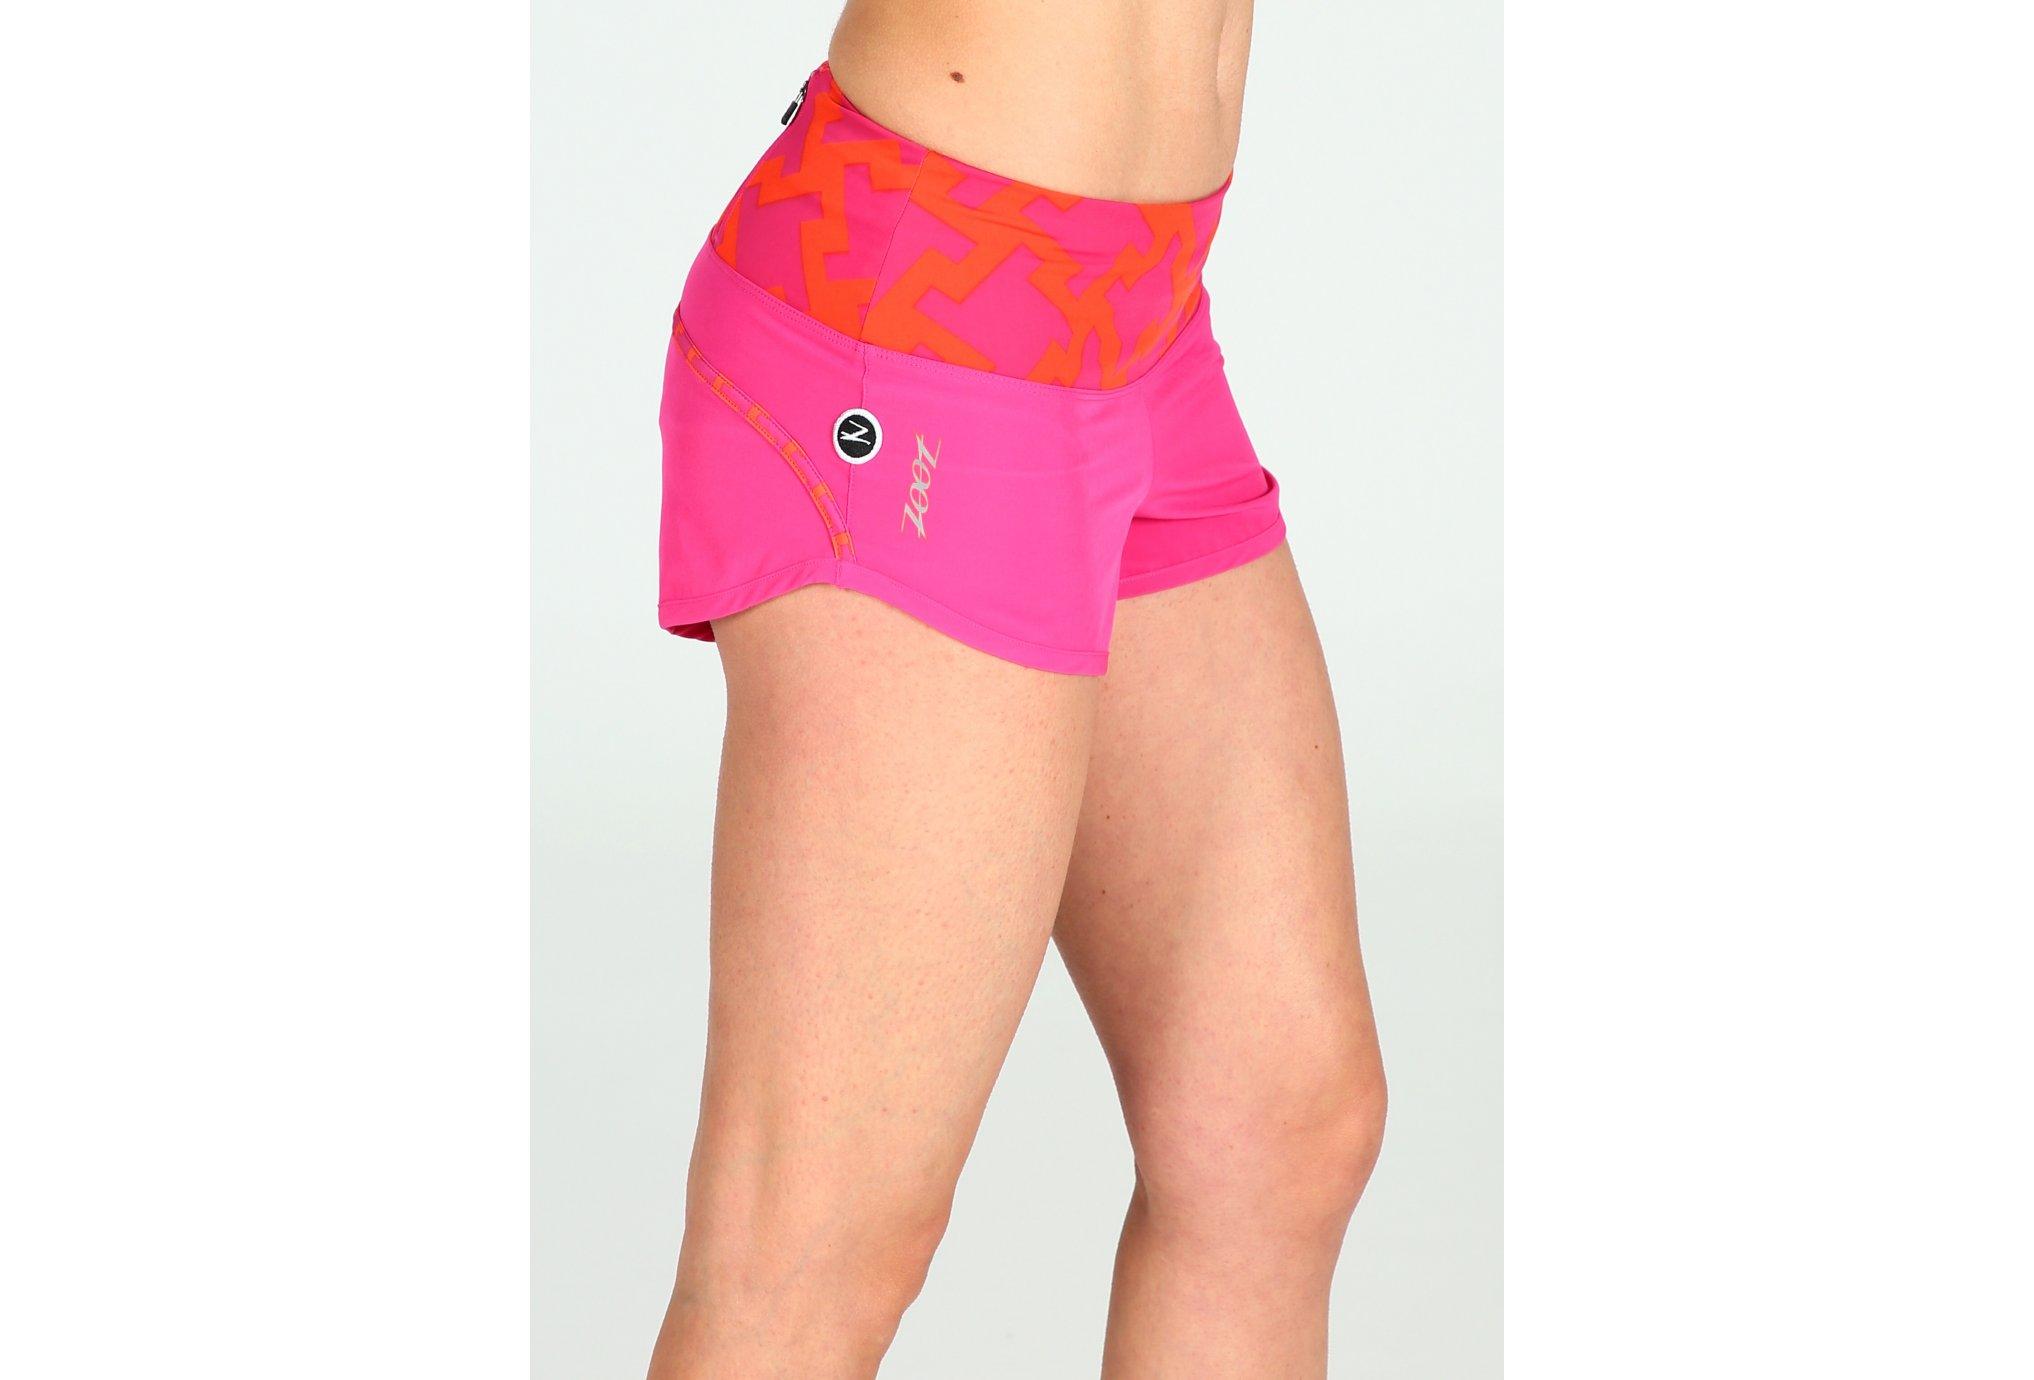 Zoot PCH 3inch W Diététique Vêtements femme